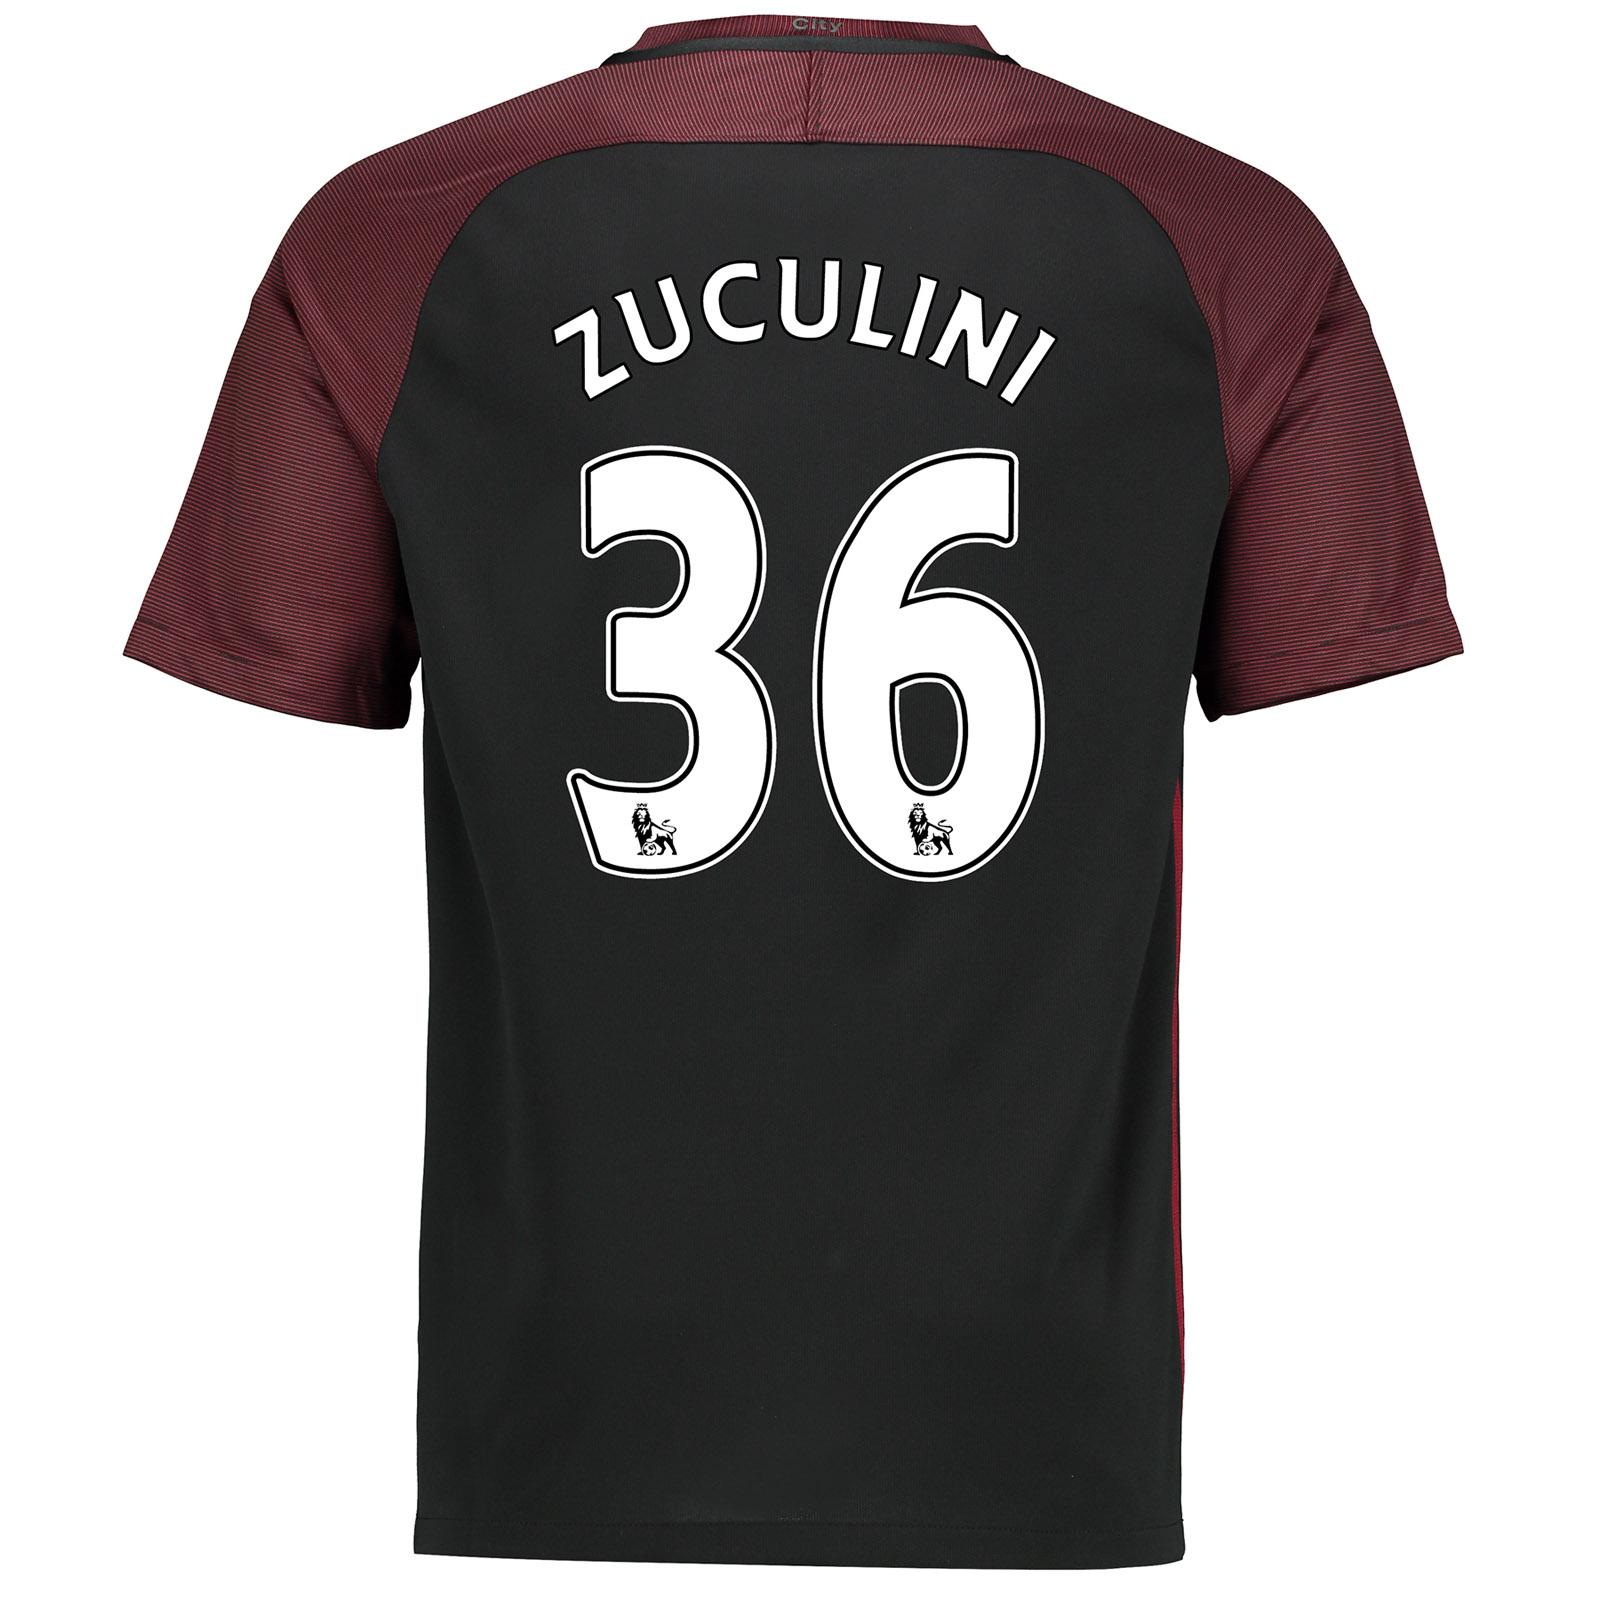 Manchester City Away Stadium Shirt 2016-17 with Zuculini 36 printing